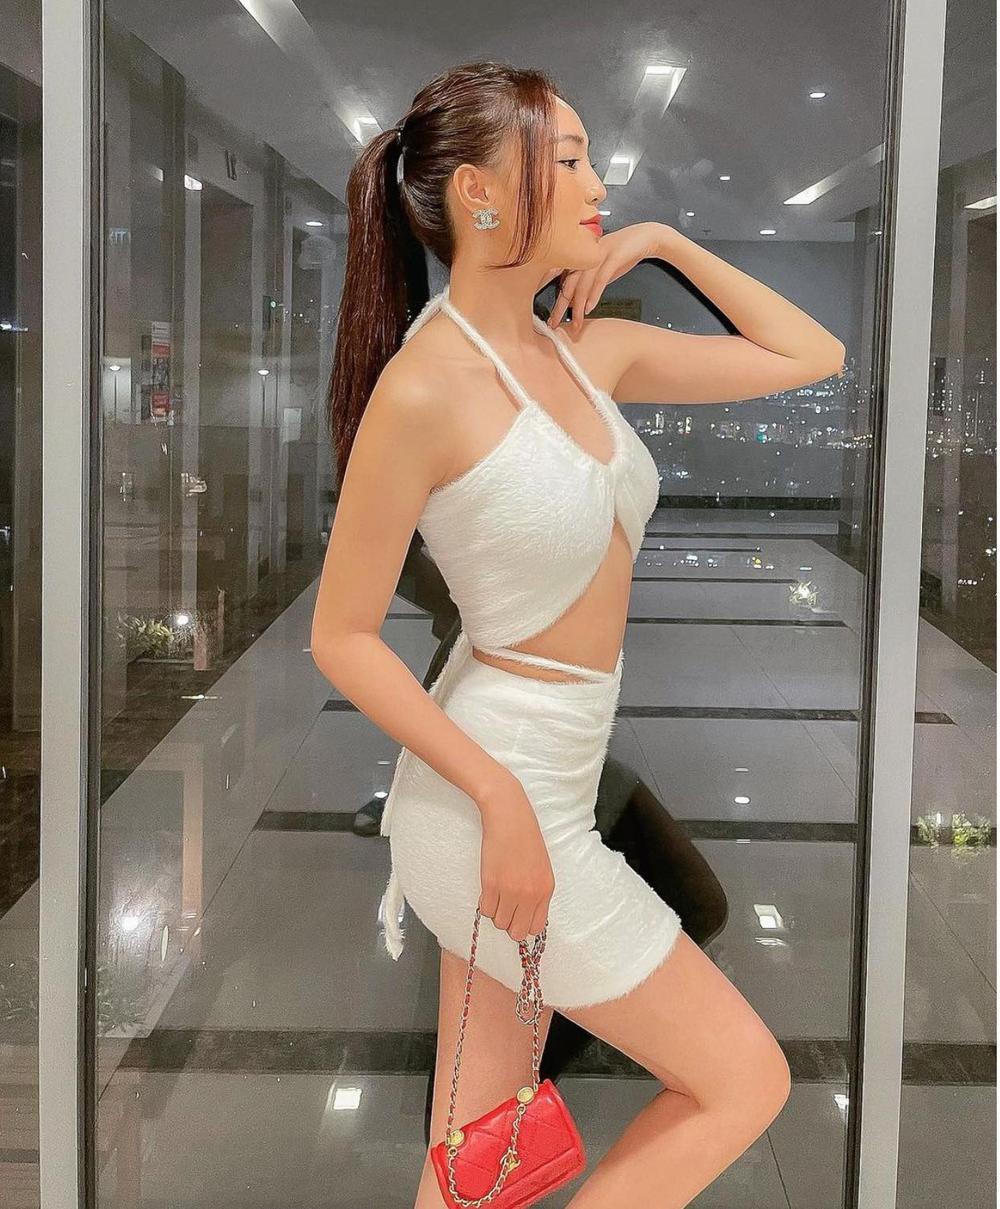 Ninh Dương Lan Ngọc khoe dáng cực chuẩn trong bộ váy trắng cut-out táo bạo Ảnh 3